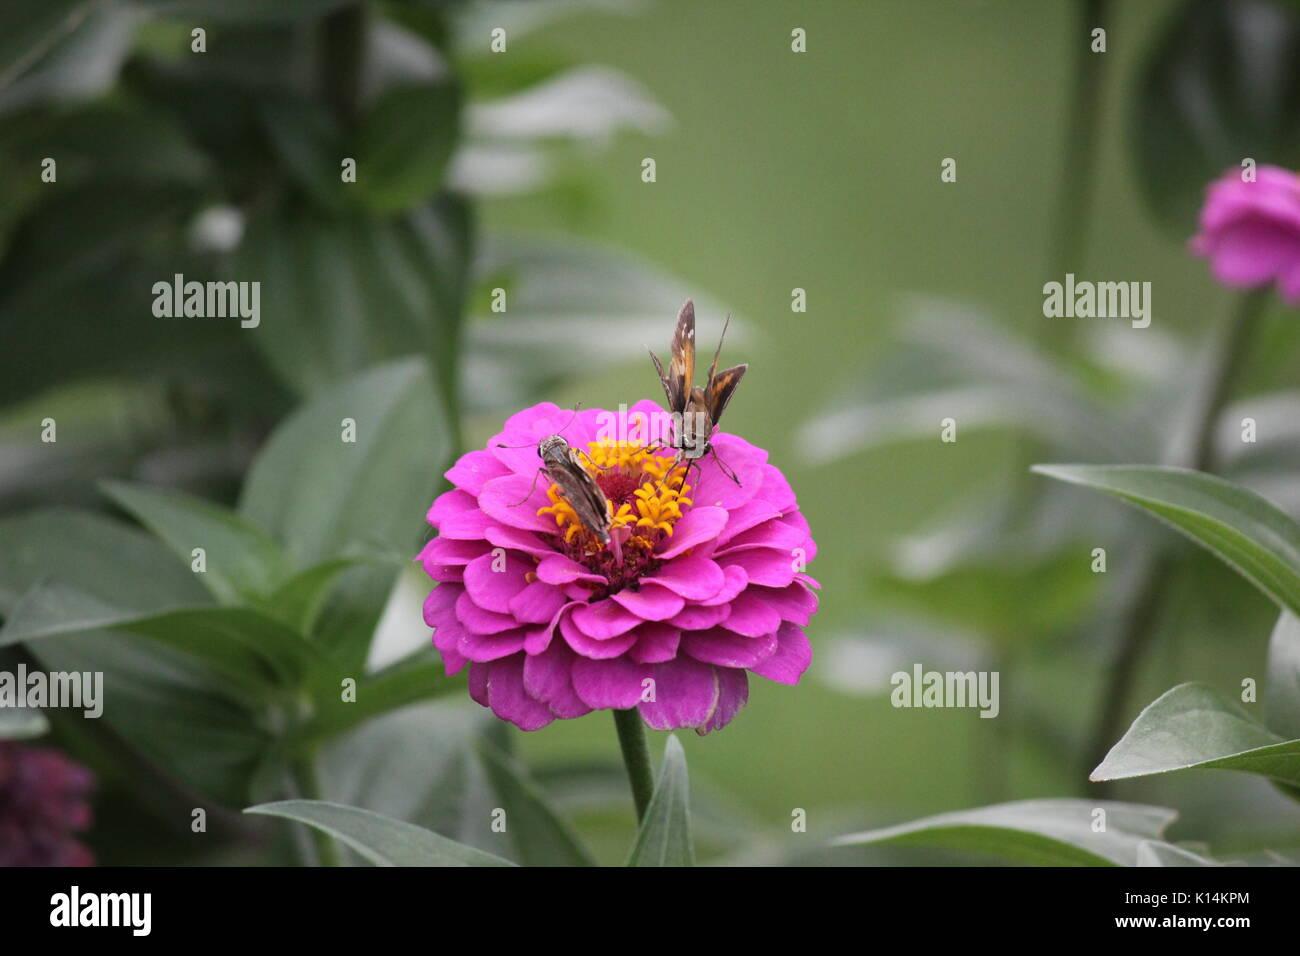 015f303fff395 Deux petits papillons skippers jouent autour des fleurs roses zinnias Photo  Stock